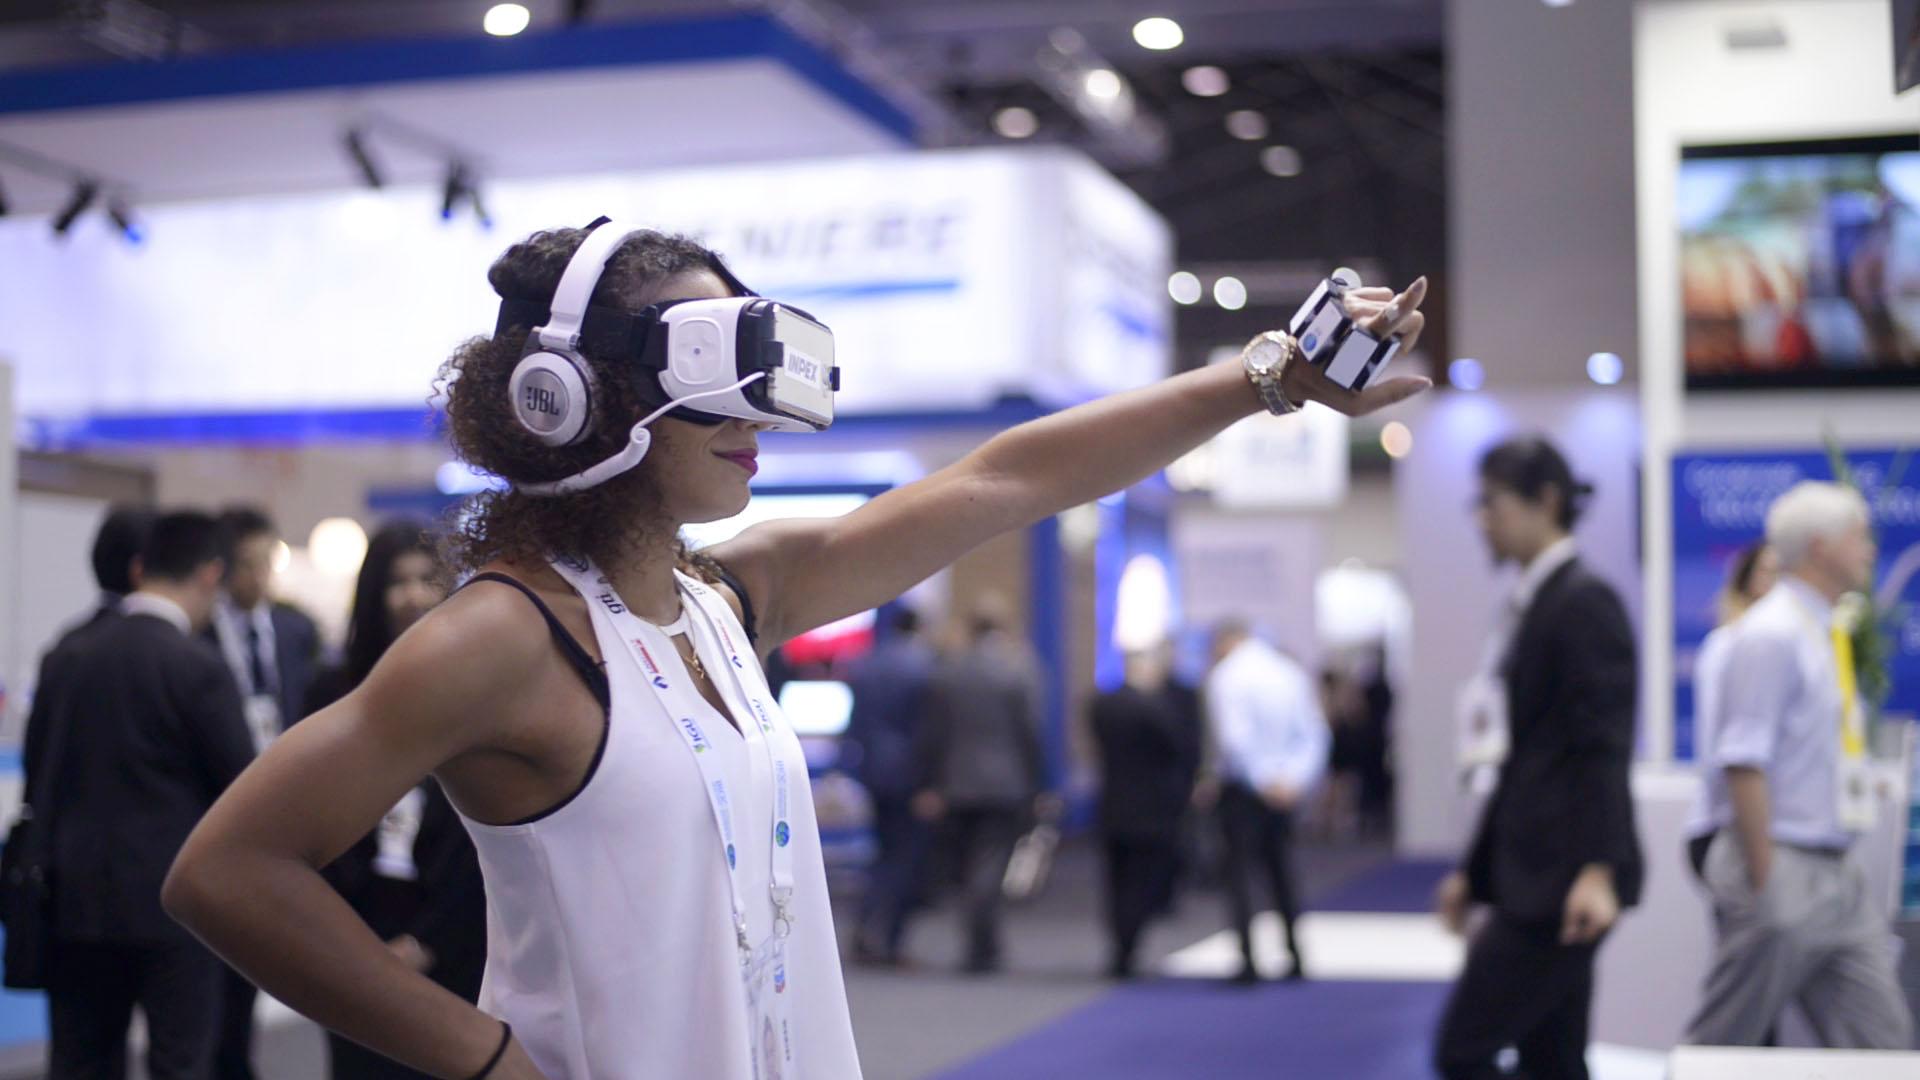 VRでダンスゲームを楽しむ女性の画像